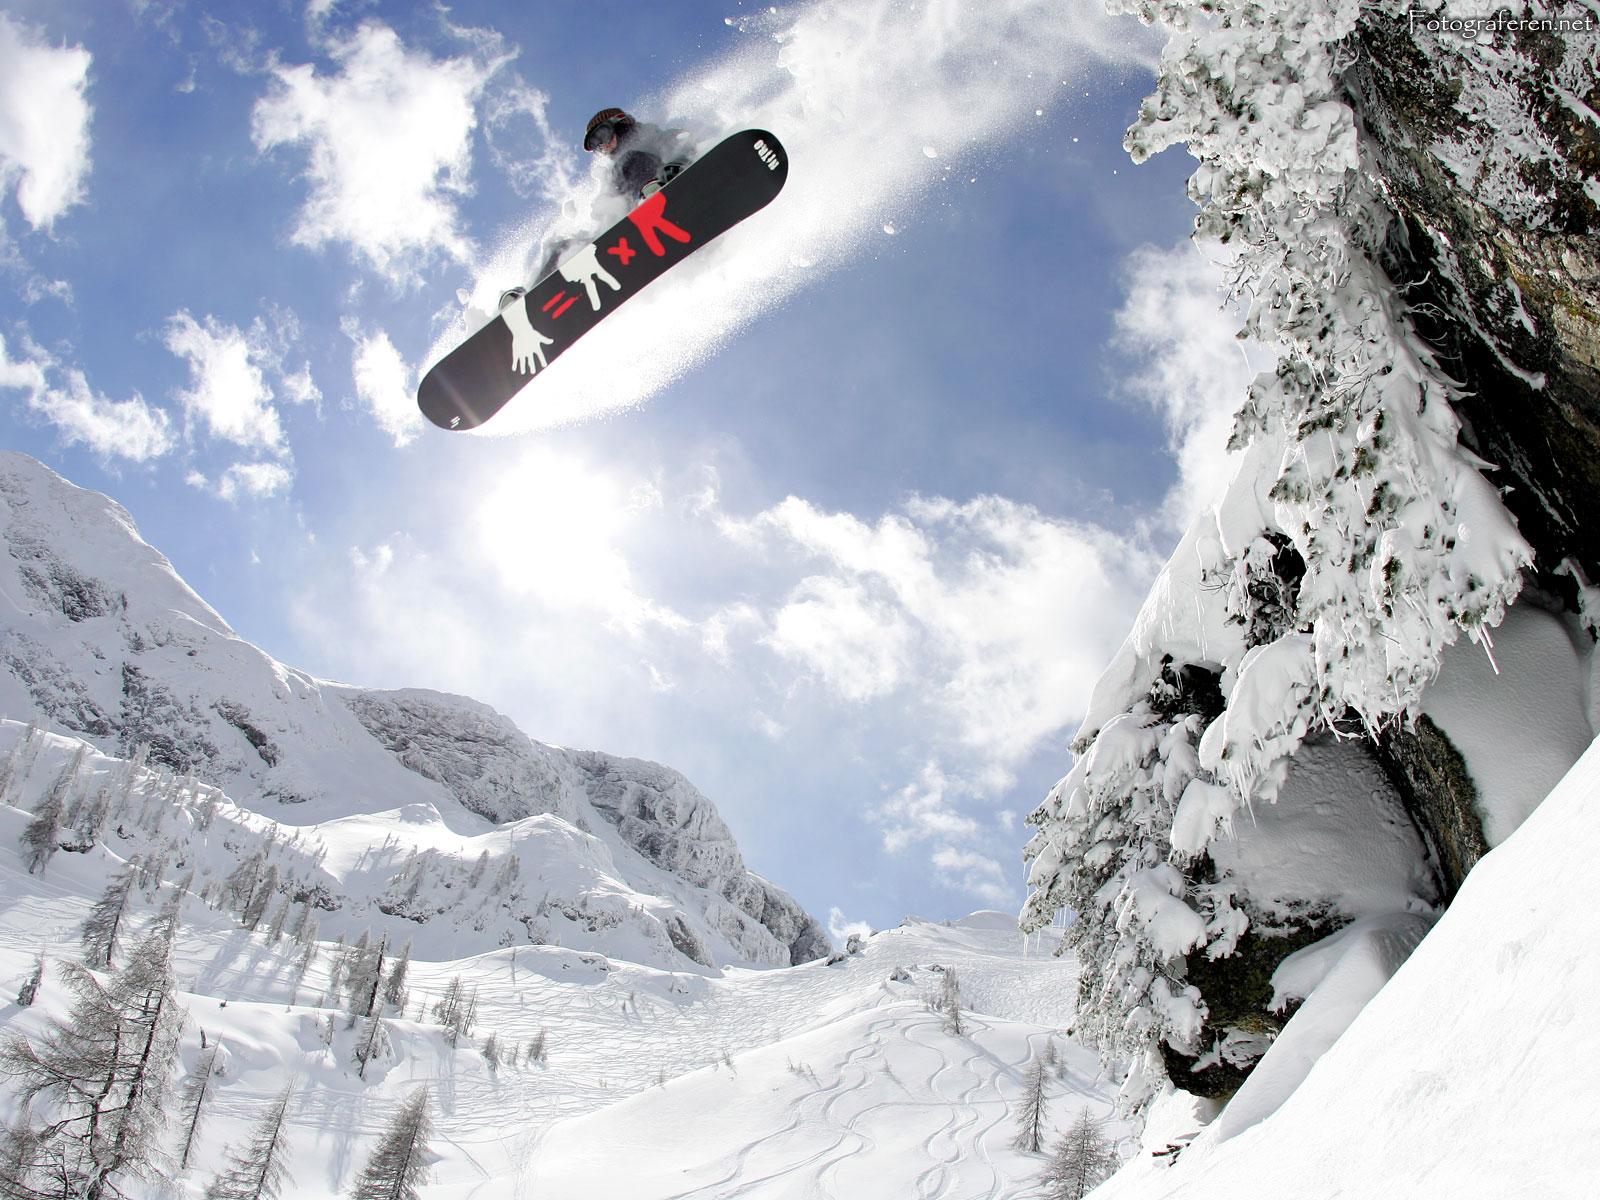 http://2.bp.blogspot.com/-96ww5Lx-B3M/TtzqqWmGYGI/AAAAAAAAA5E/SX7jlpuRMPY/s1600/snowboarding-hd-5-741381.jpg